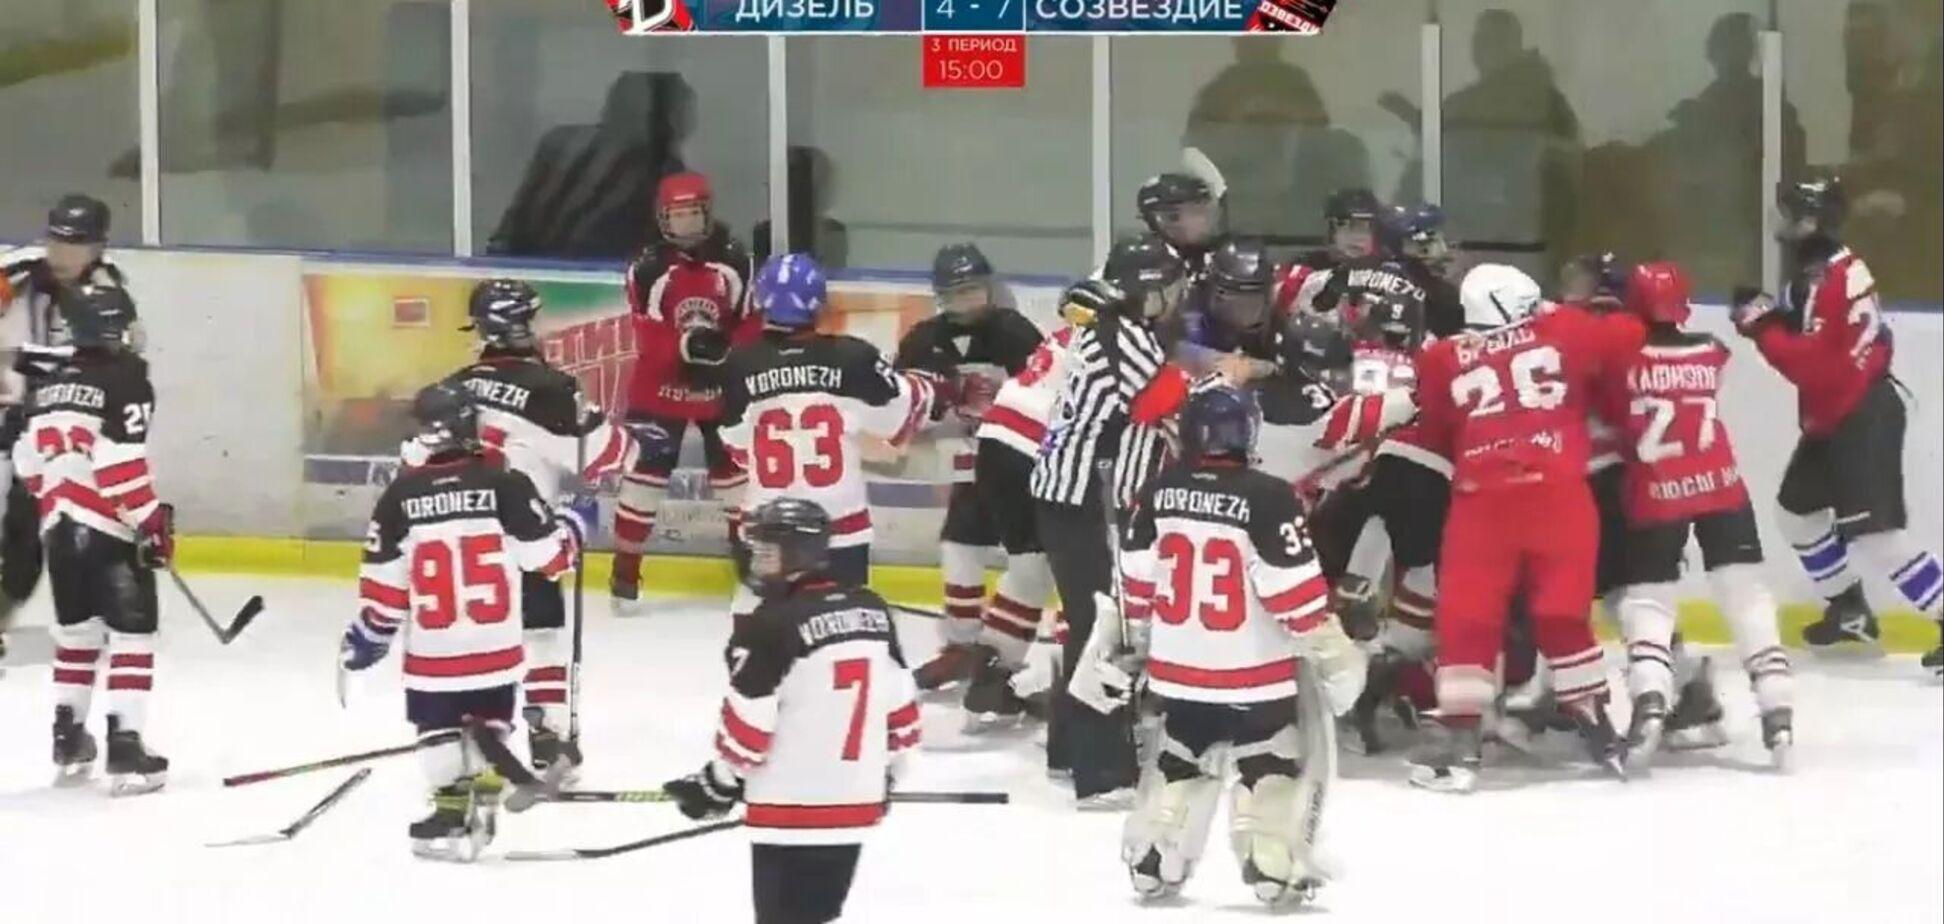 бійка хокеїстів